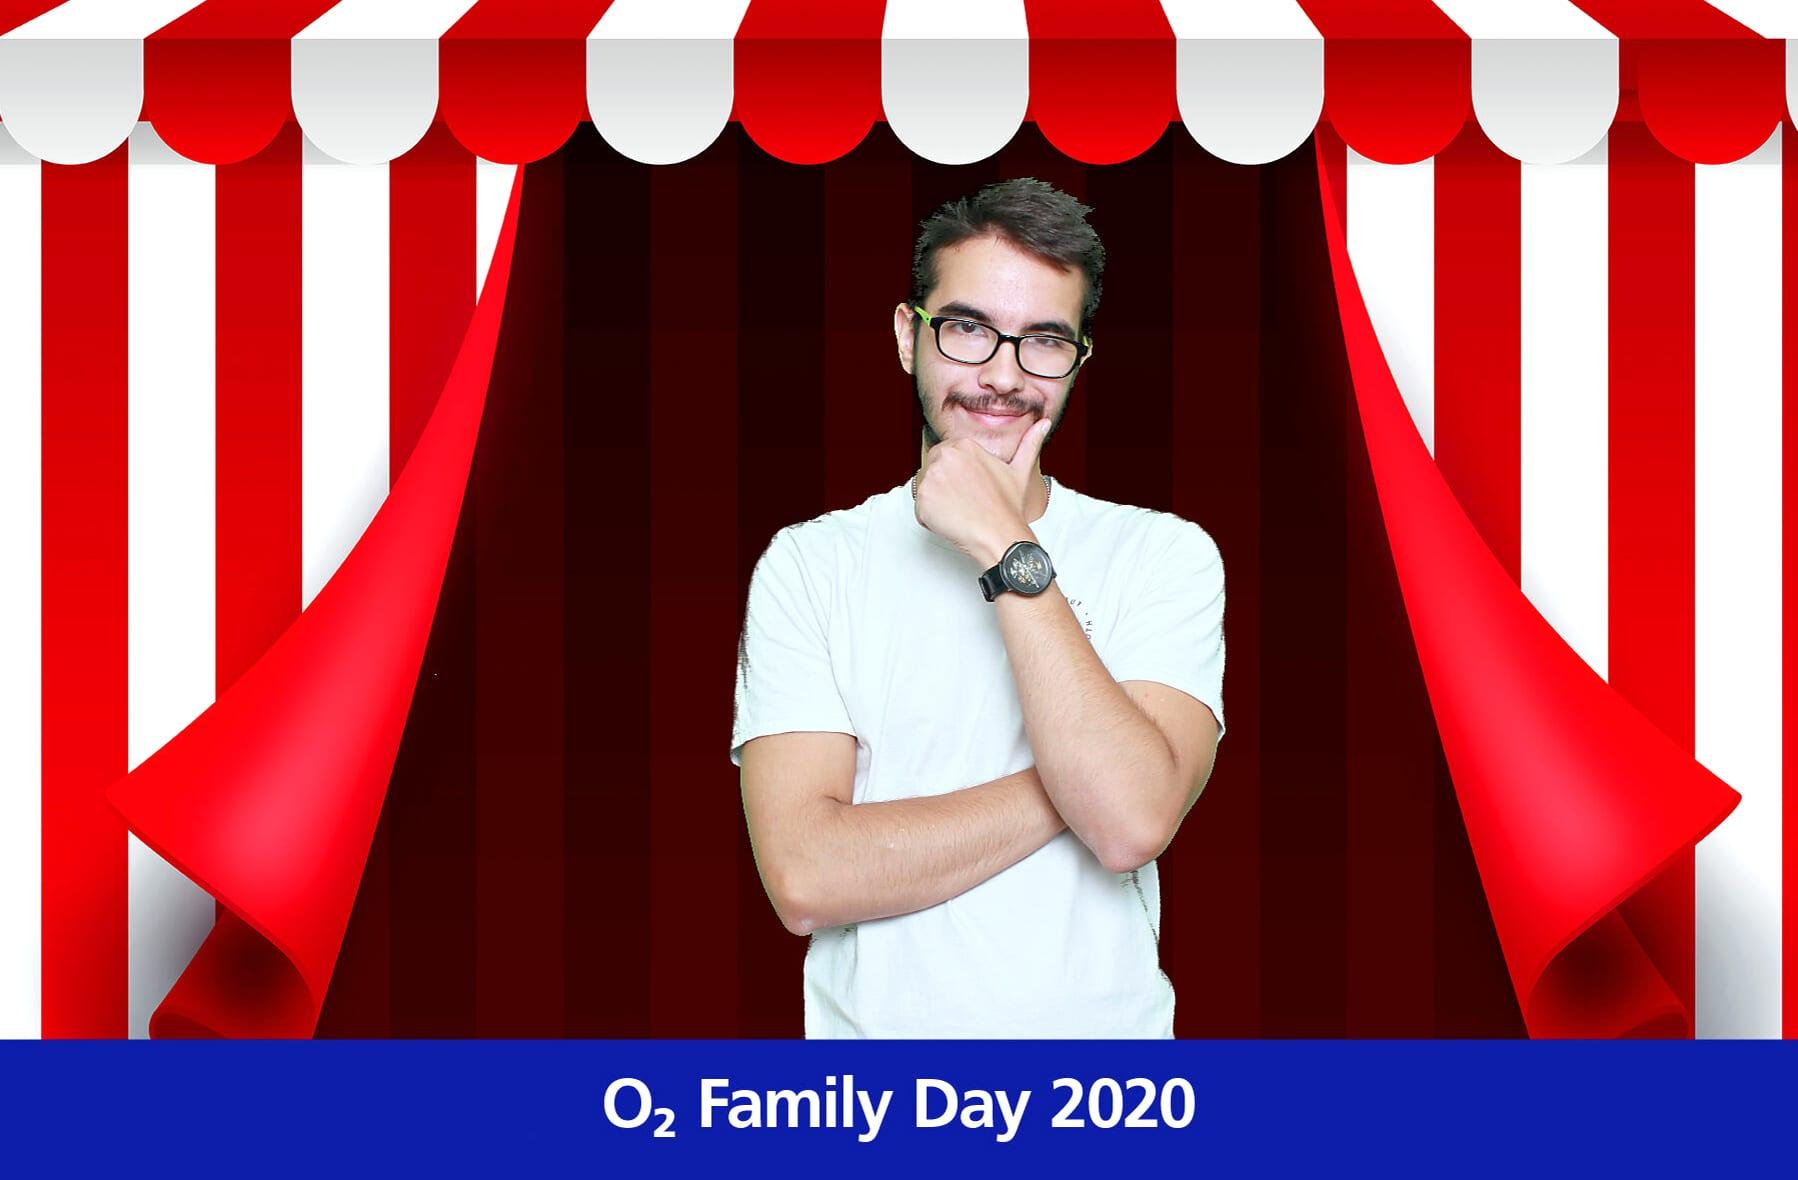 fotokoutek-family-day-praha-02-24-9-2020-731781